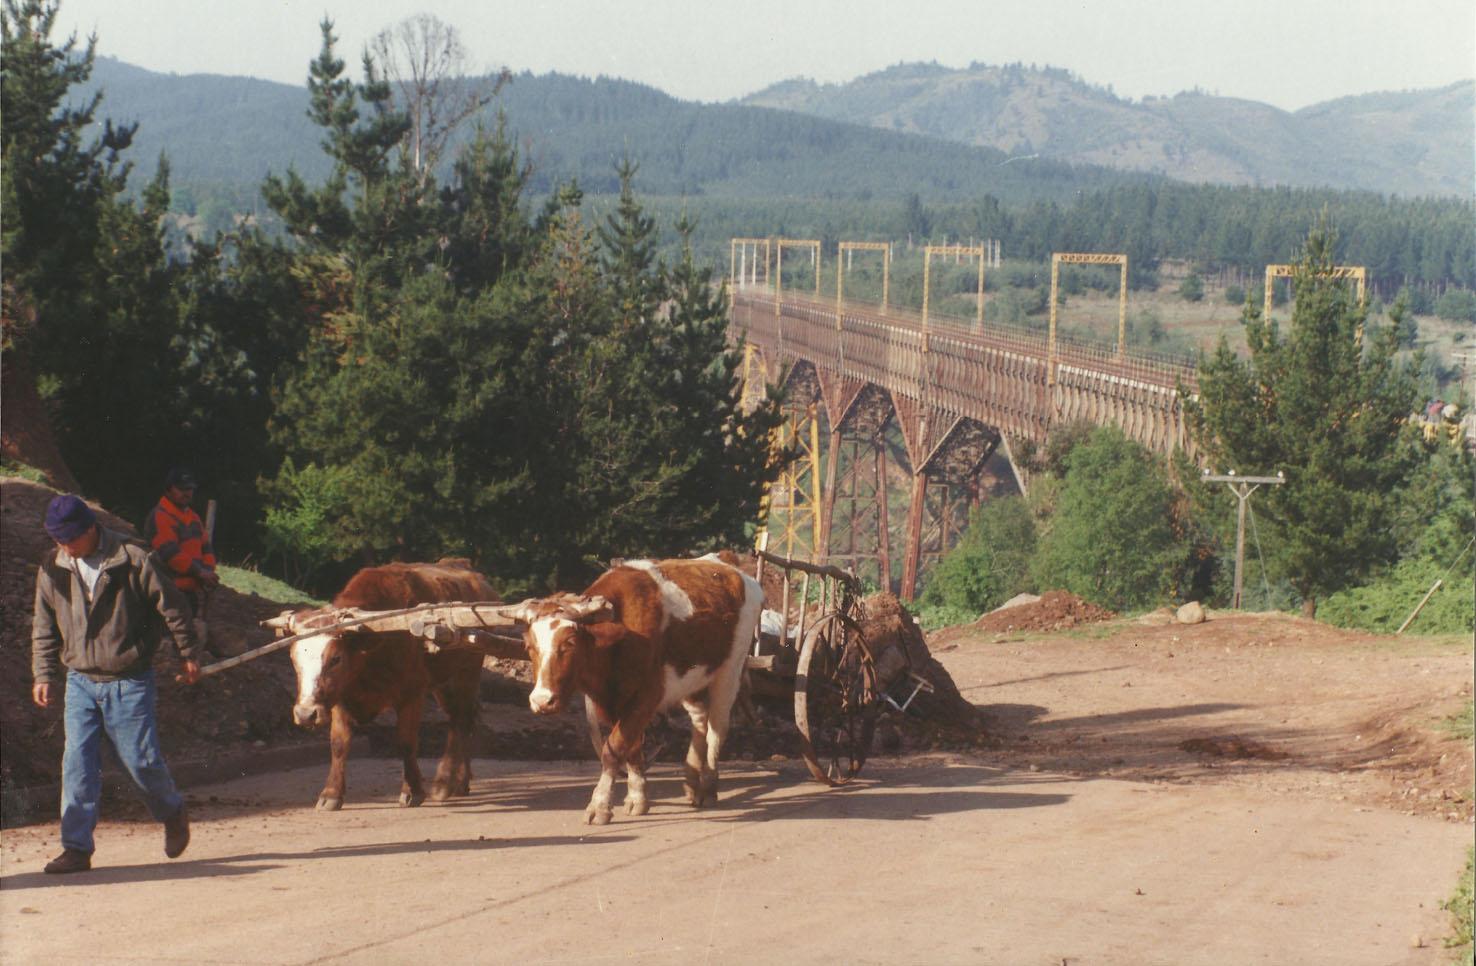 Enterreno - Fotos históricas de chile - fotos antiguas de Chile - Viaducto del Malleco en 1997